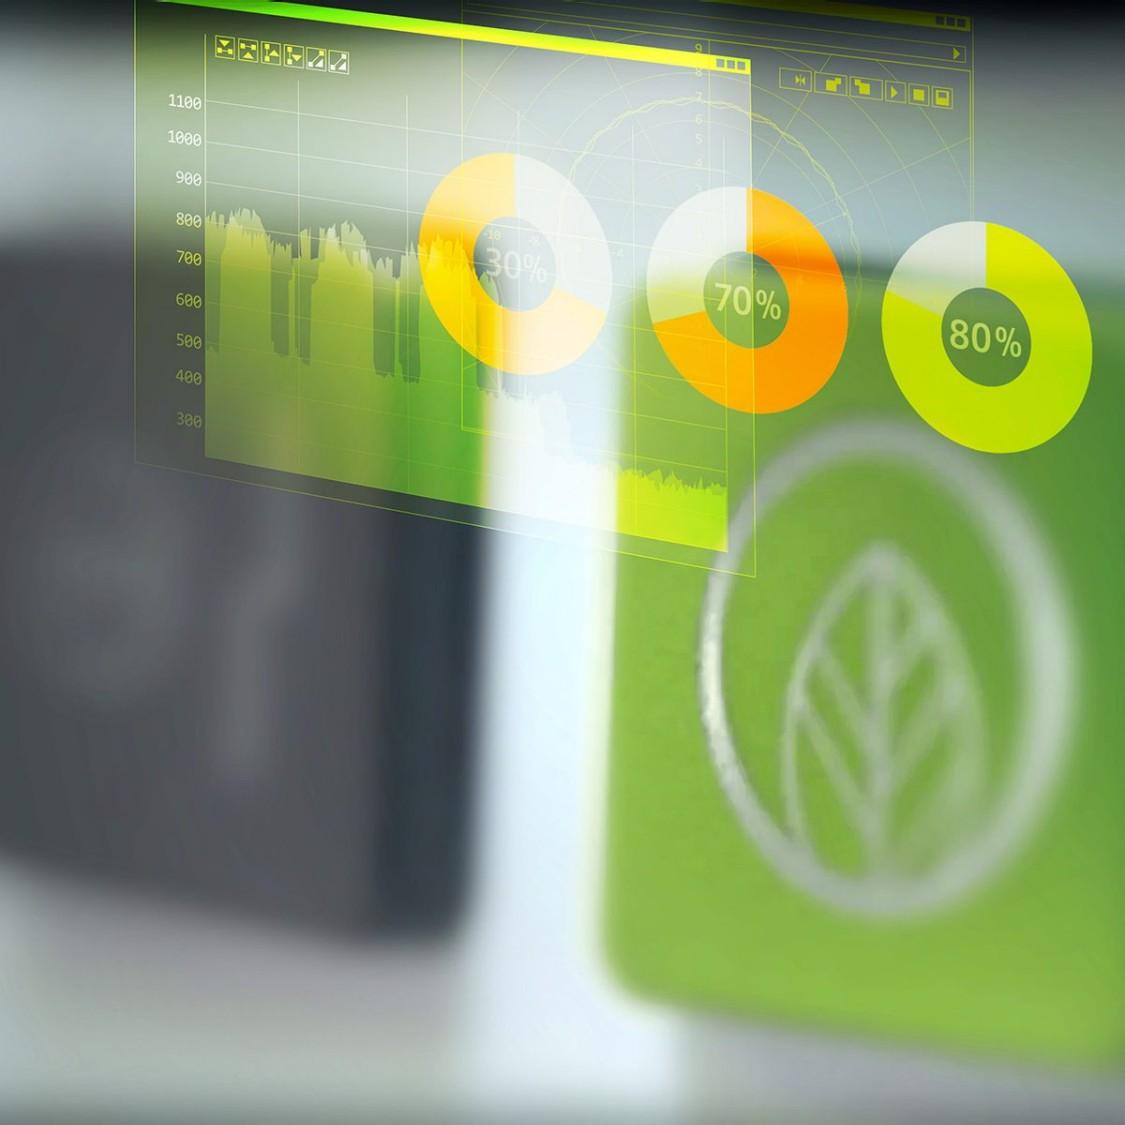 エネルギー効率関連規格/規程